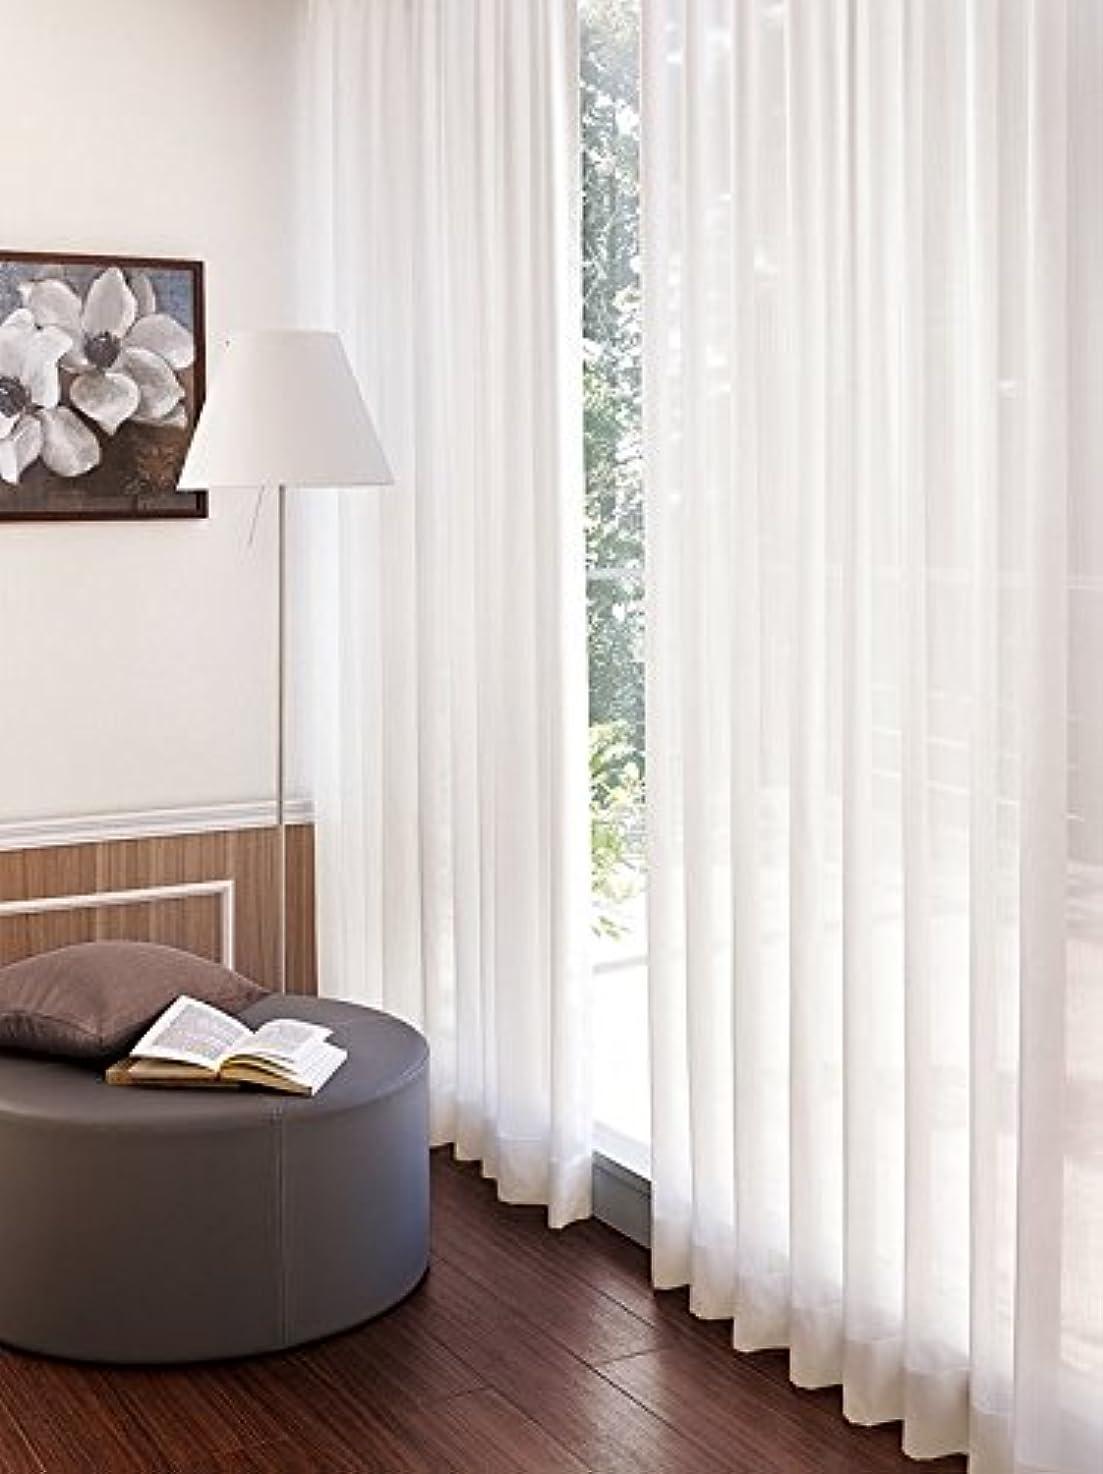 対話起点会議東リ 織りの変化で表現された均等なストライプ カーテン2倍ヒダ KSA60461 幅:100cm ×丈:260cm (2枚組)オーダーカーテン